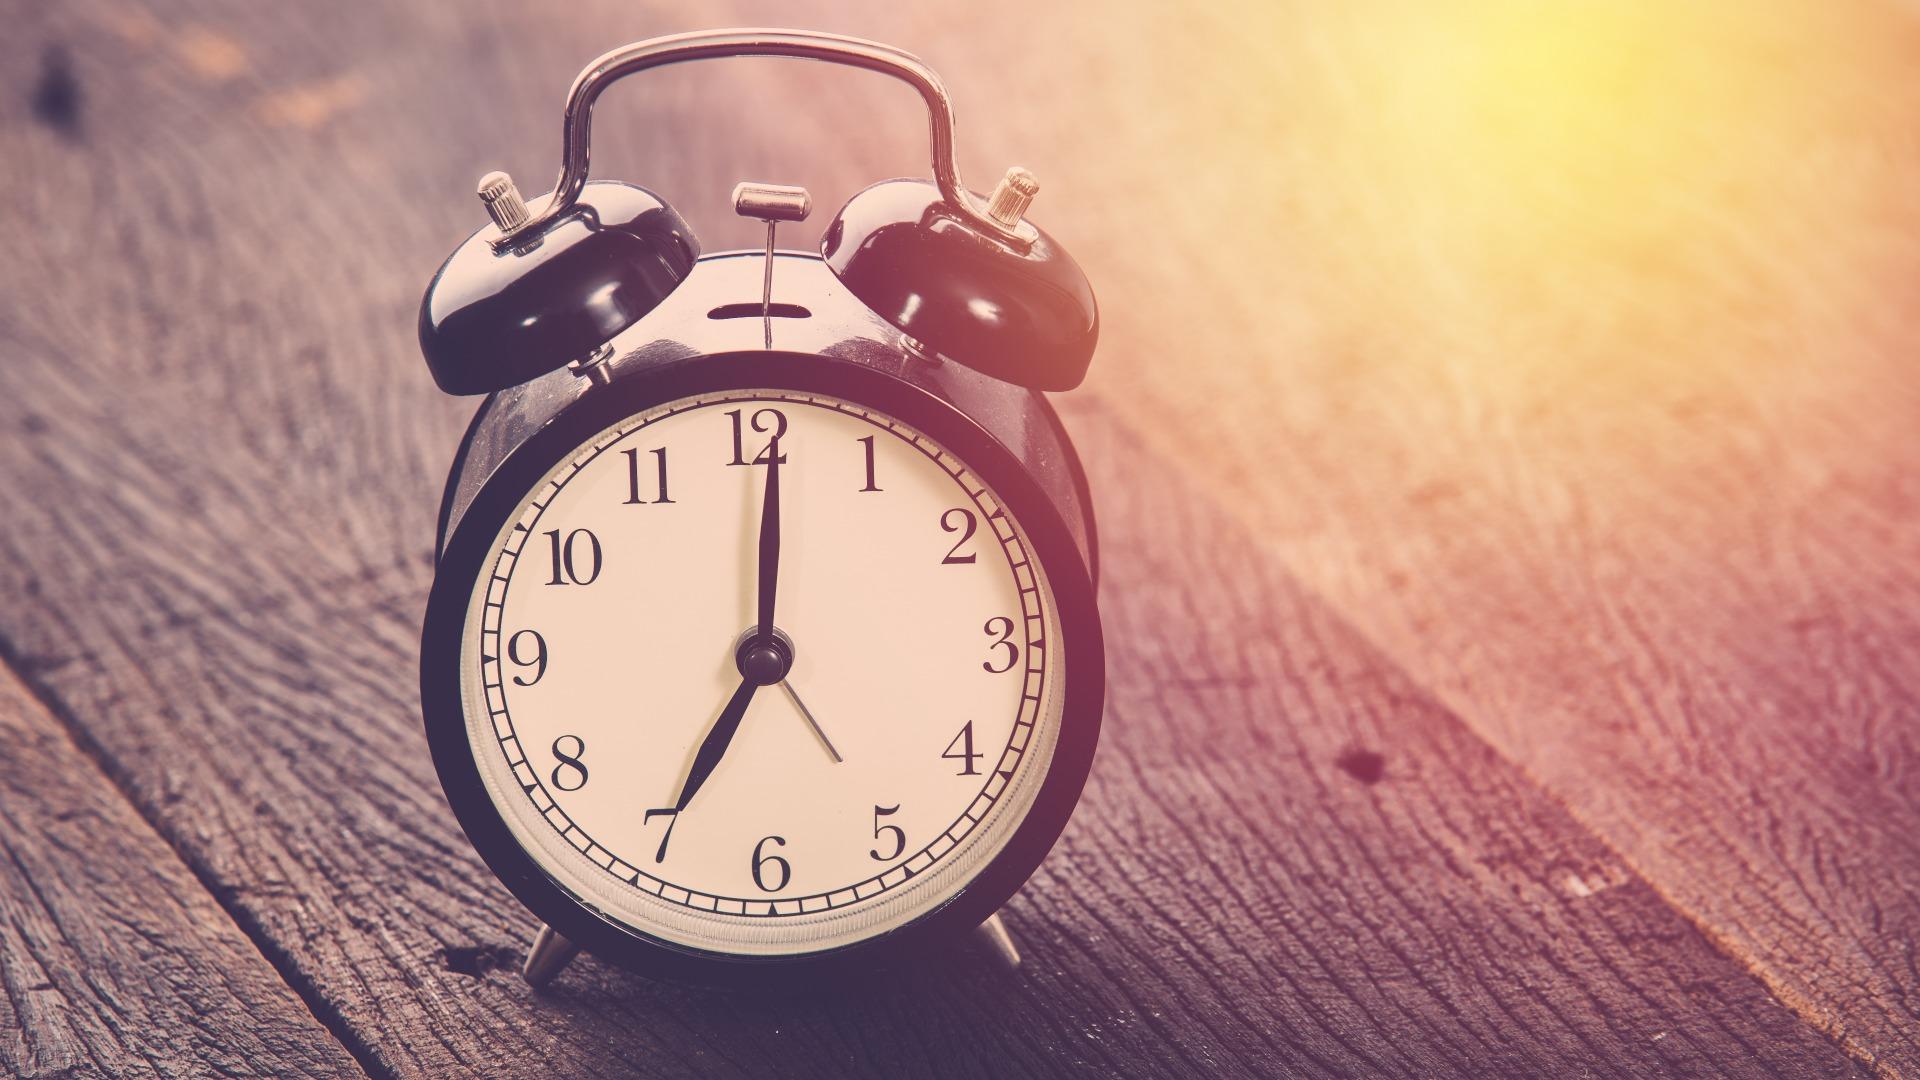 Παραγωγικότητα στο φουλ: 11 μυστικά καλής Διαχείρισης Χρόνου